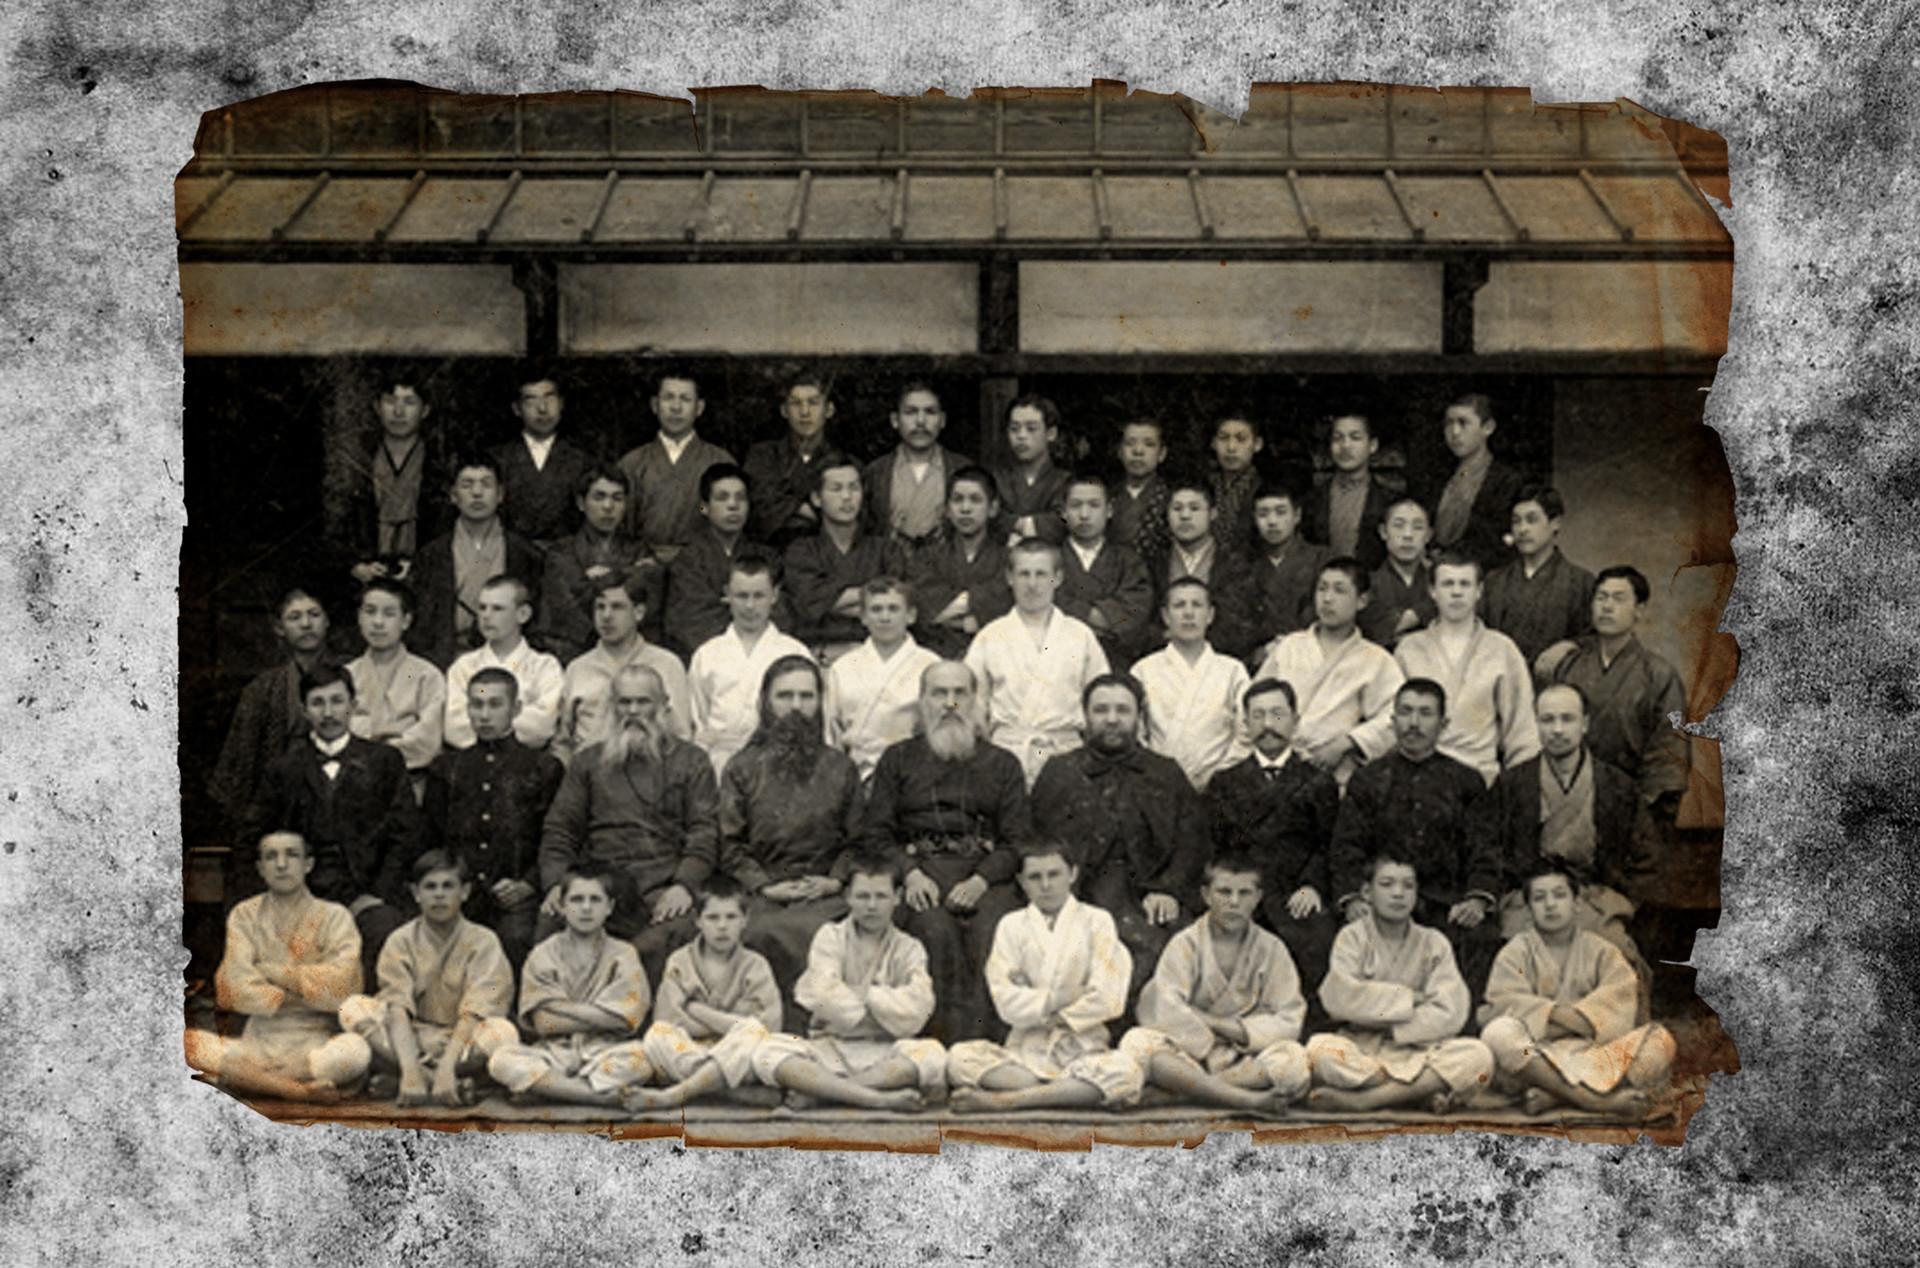 日本における正教宣教団の生徒たち。オシェプコフは3列目、左から3番目。